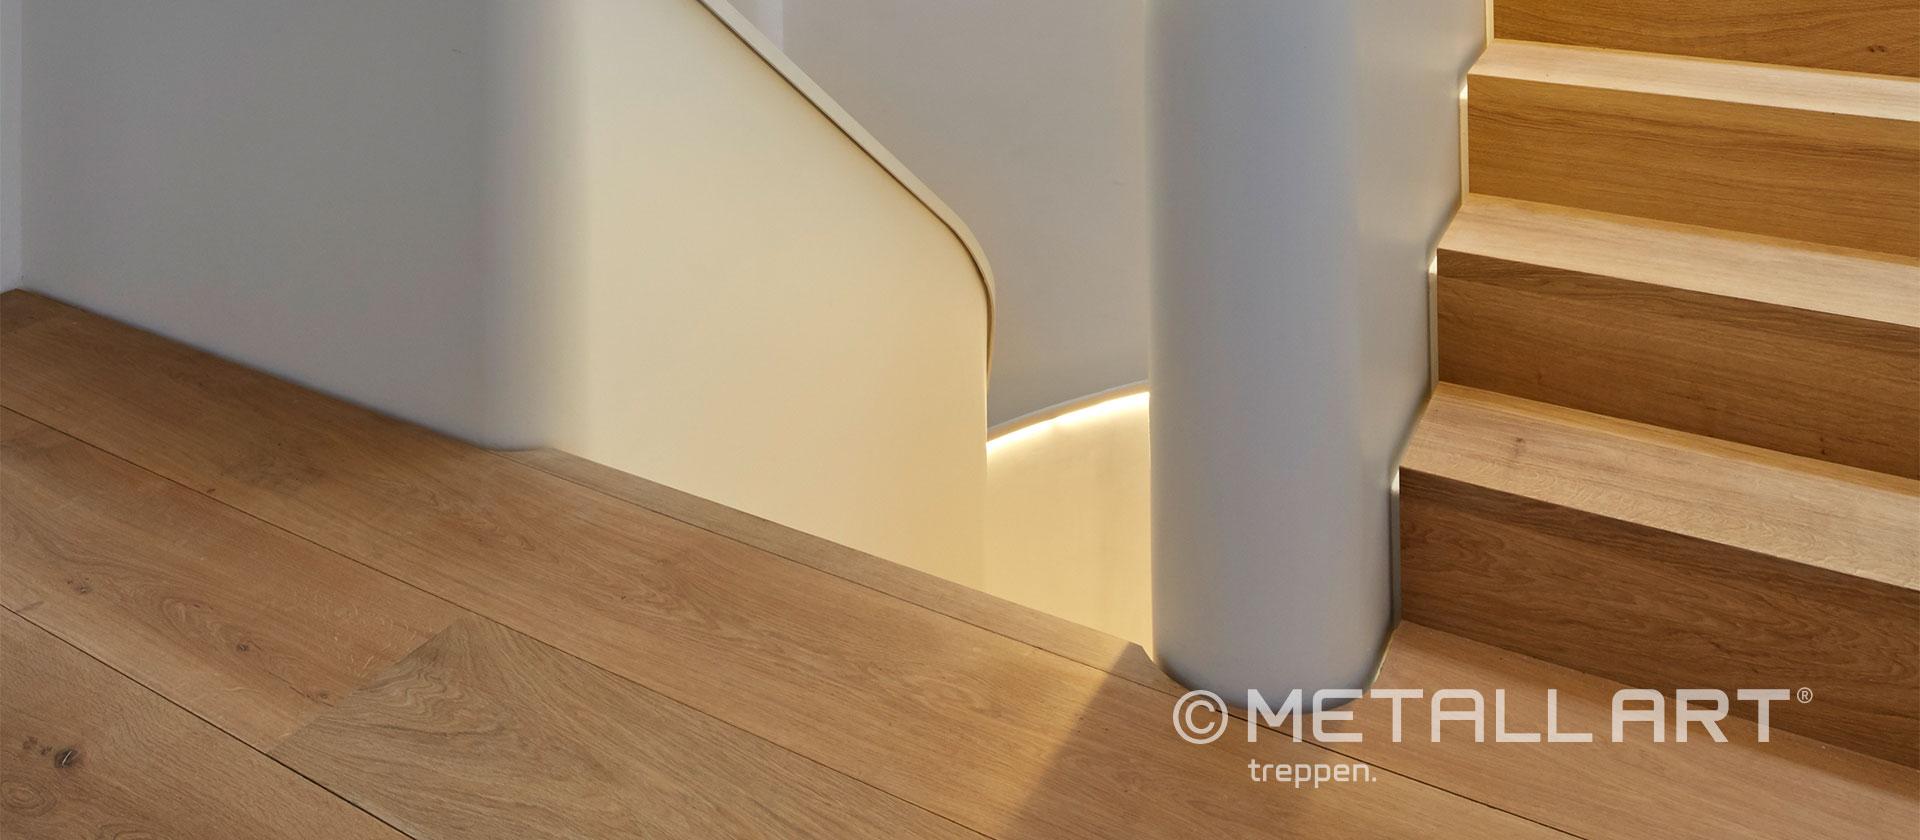 Elegante Kombination aus weiß und Holz